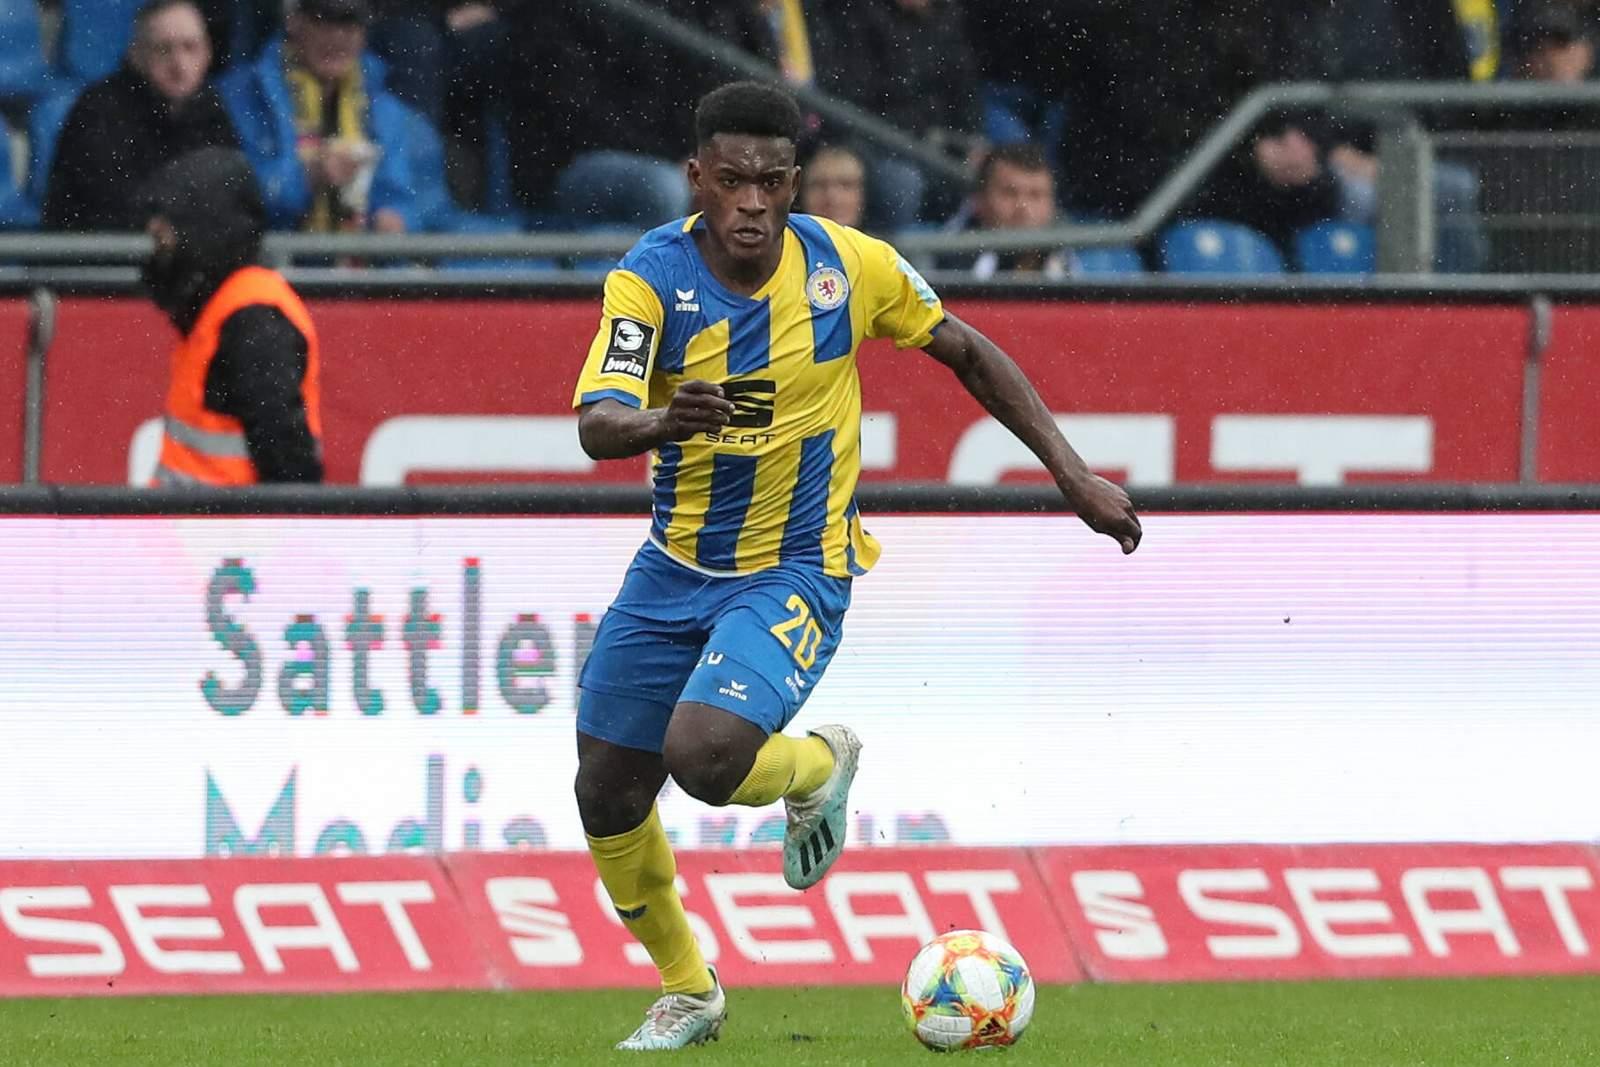 Merveille Biankadi verbrachte das letzte halbe Jahr in Braunschweig.